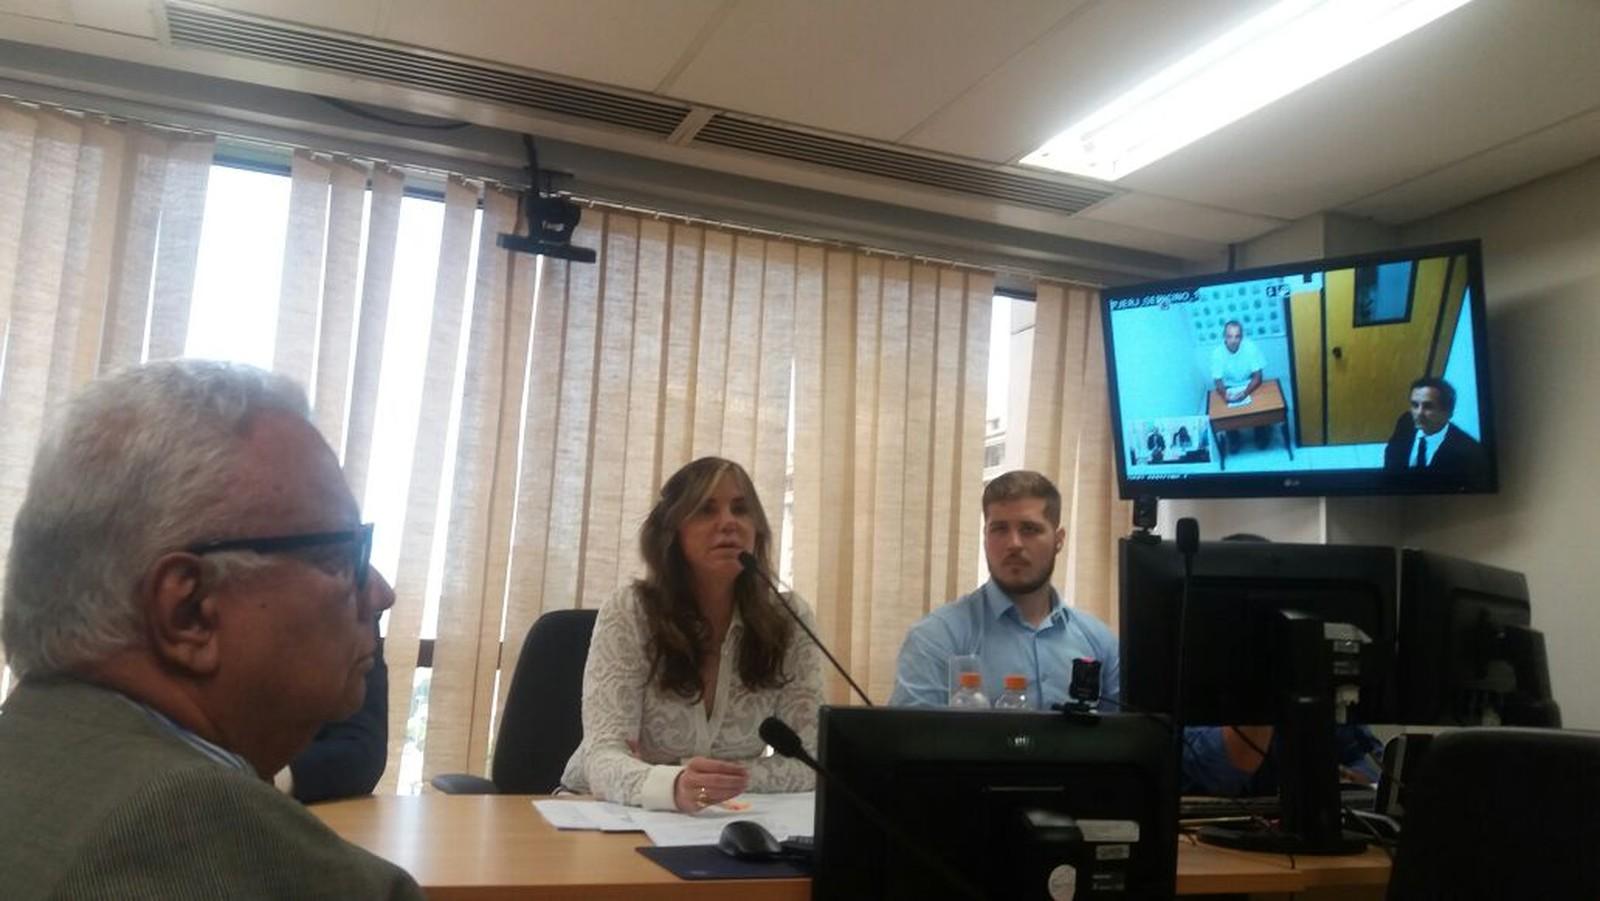 Cabral diz em videoconferência que usava helicópteros para viagens por 'segurança'